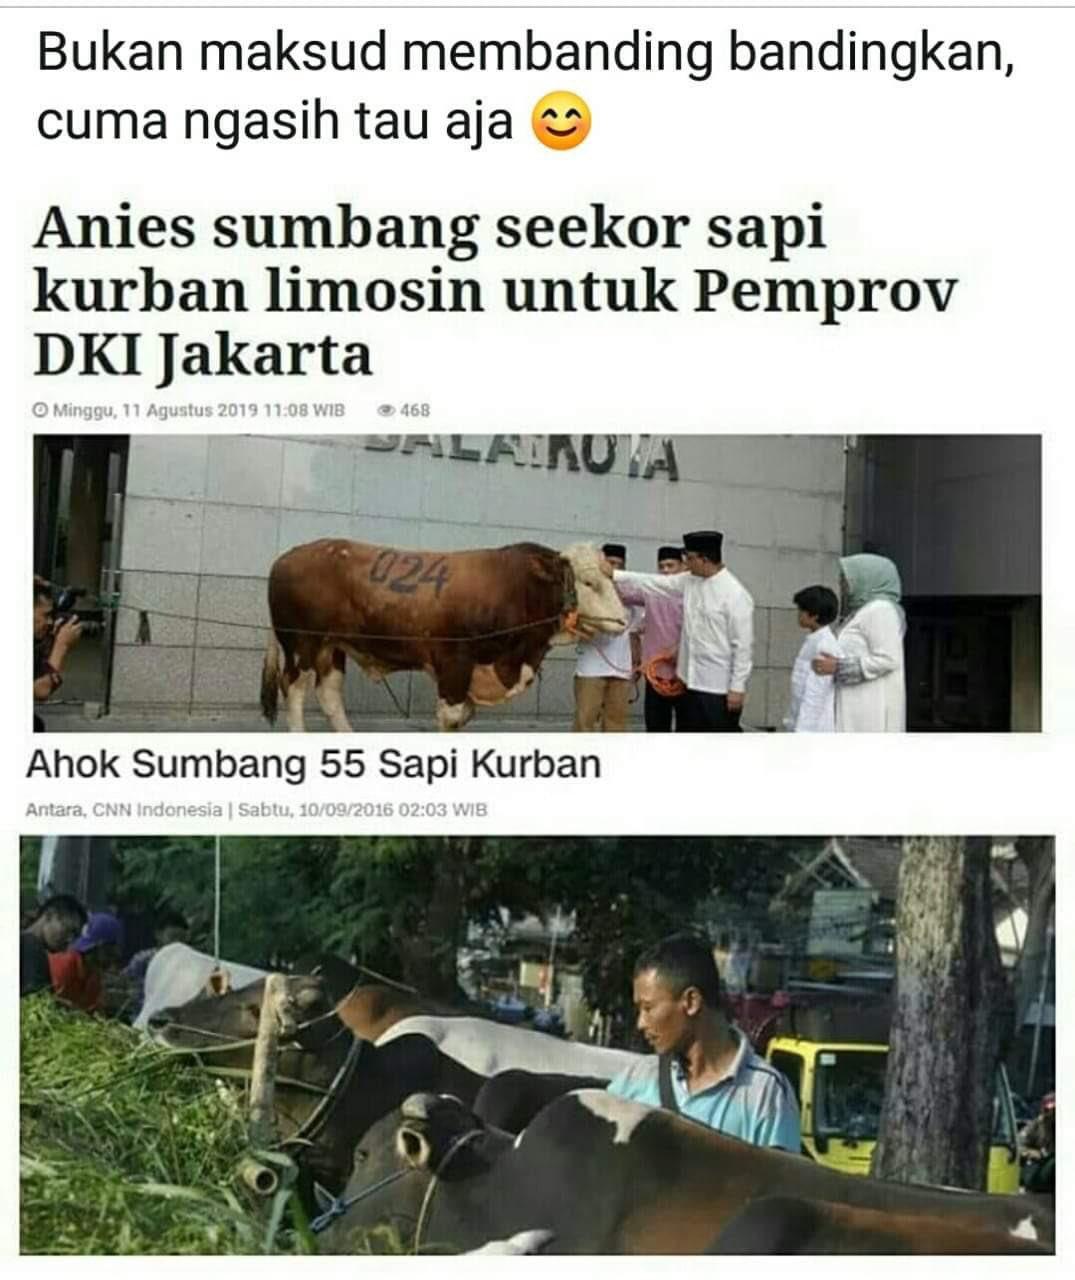 Bandingkan Jumlah Kurban Anies vs Ahok, Loyalis Jokowi Ini Mati Kutu